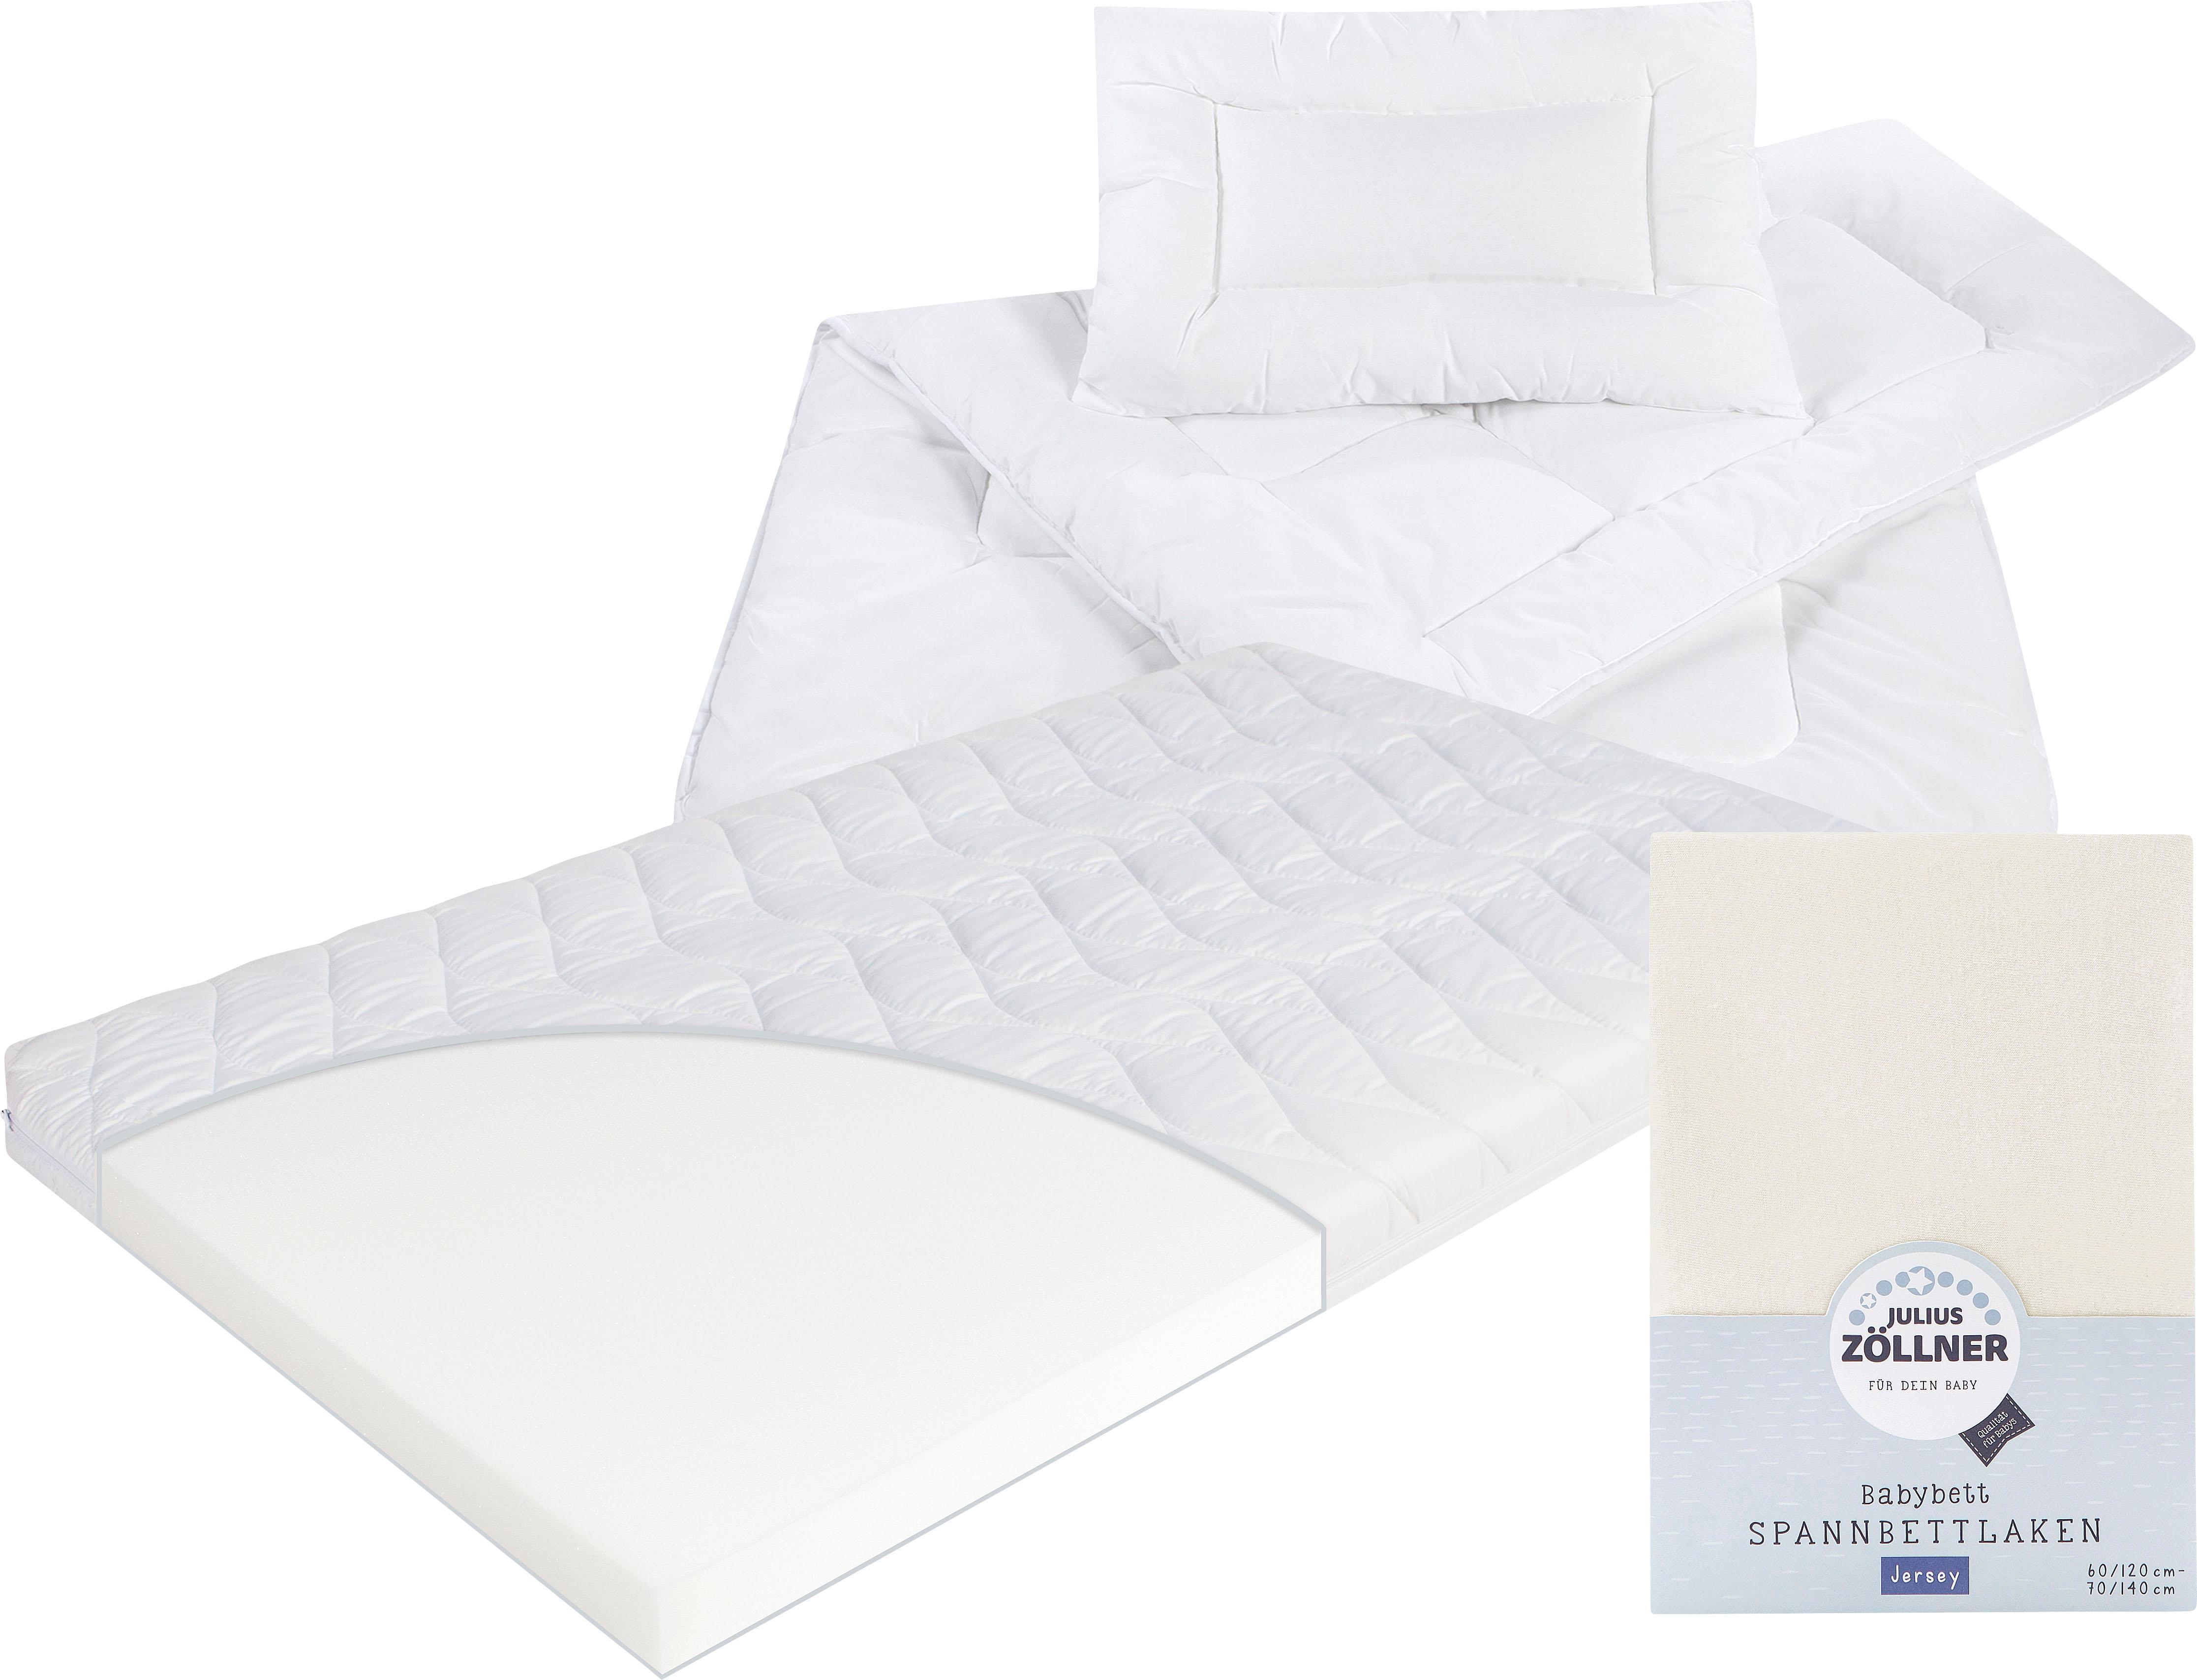 Matratze Decken Spannbetttuch Kombi Jan Zöllner Kindersteppbett | Kinderzimmer > Textilien für Kinder > Kinderbettwäsche | Weiß | Zöllner